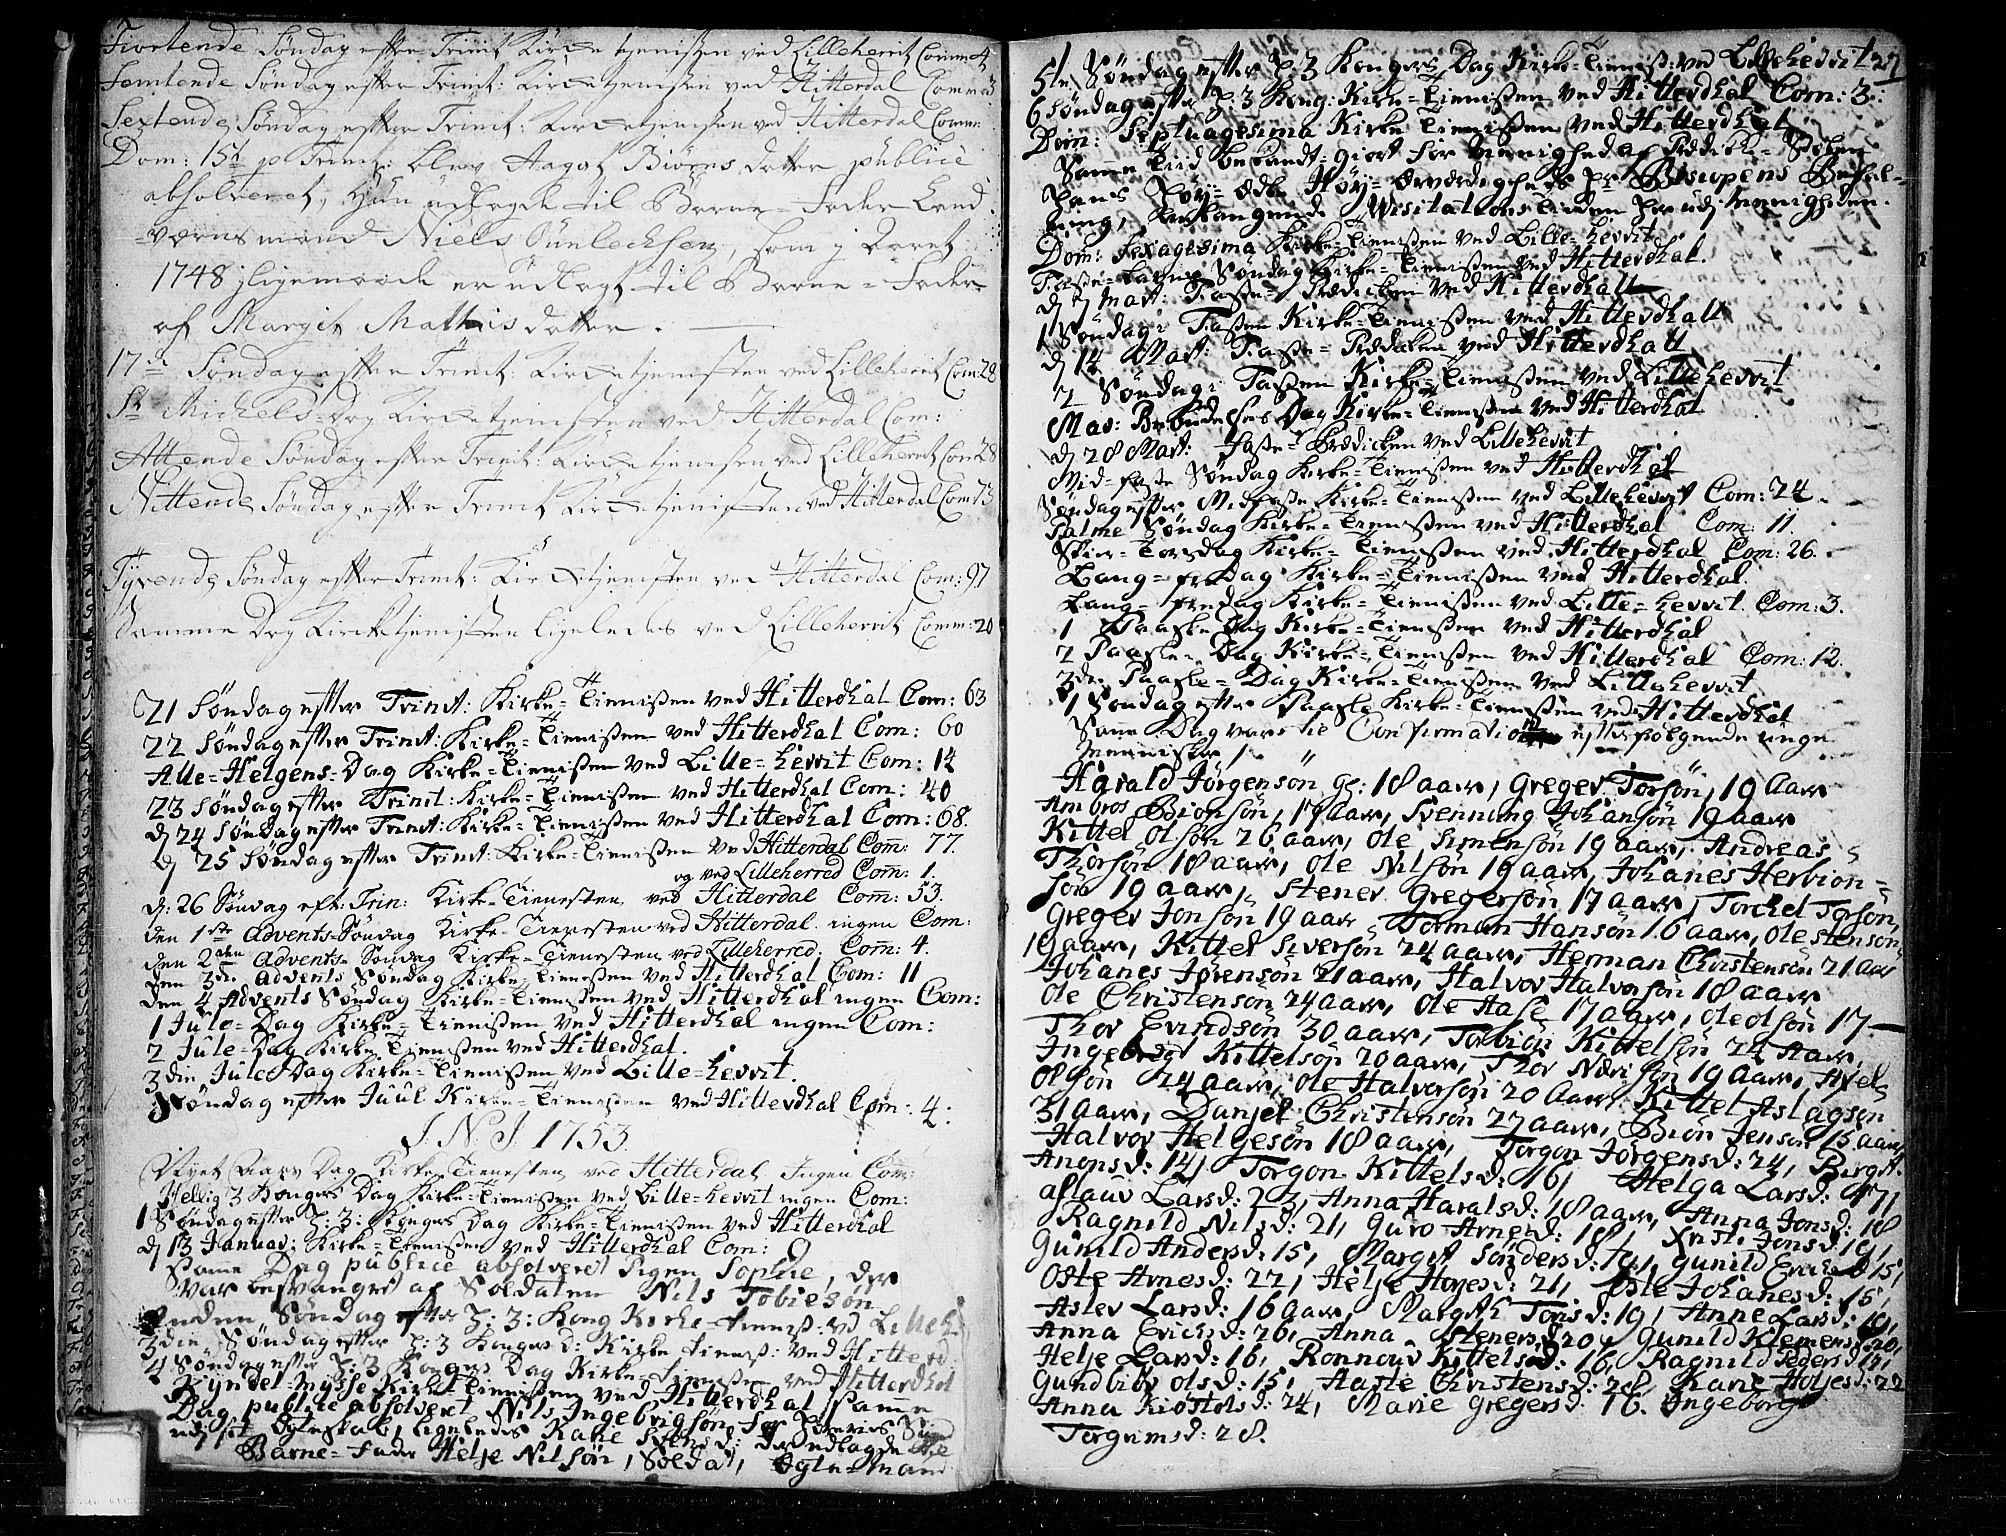 SAKO, Heddal kirkebøker, F/Fa/L0003: Ministerialbok nr. I 3, 1723-1783, s. 27